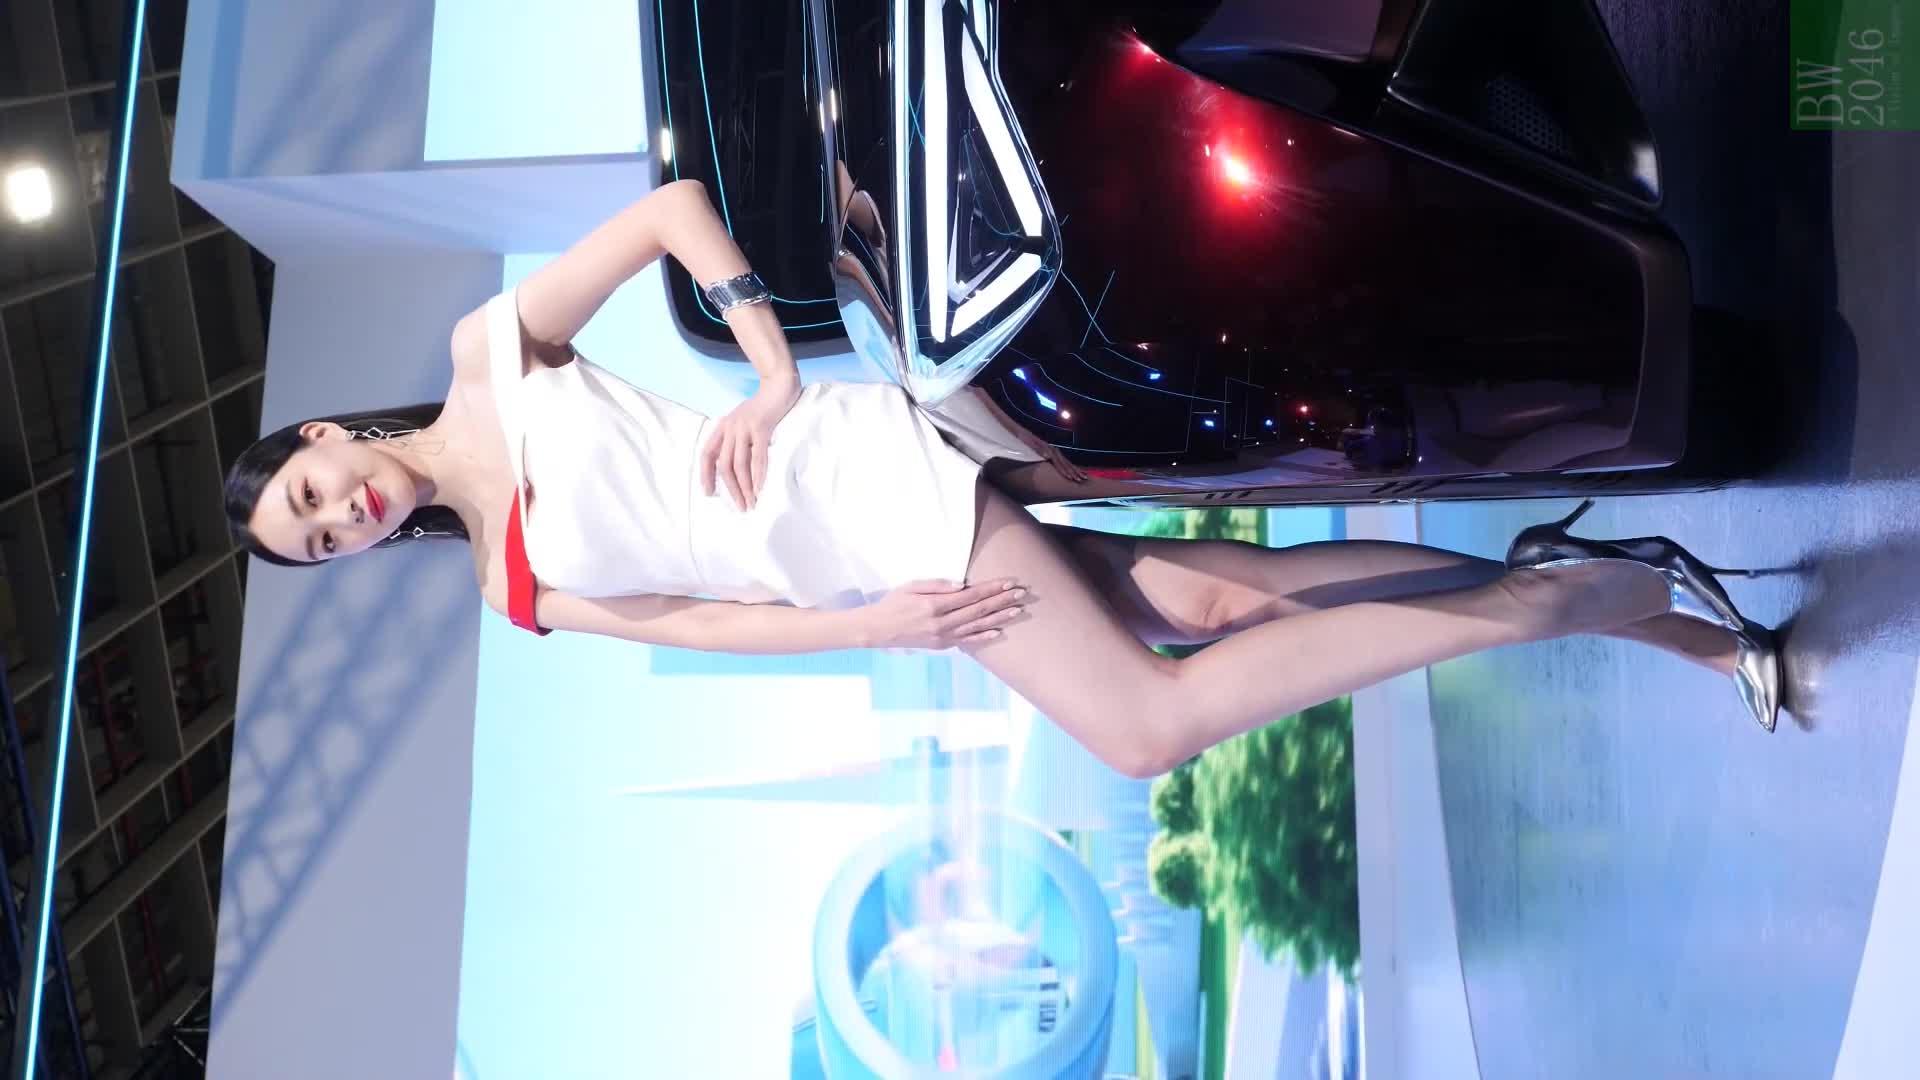 世界新車大展 - 台北車展 | Taipei Auto Show 2020 - 車模 #19 張敏紅 Min Hong Chang @ Toyota (Mobile Version)